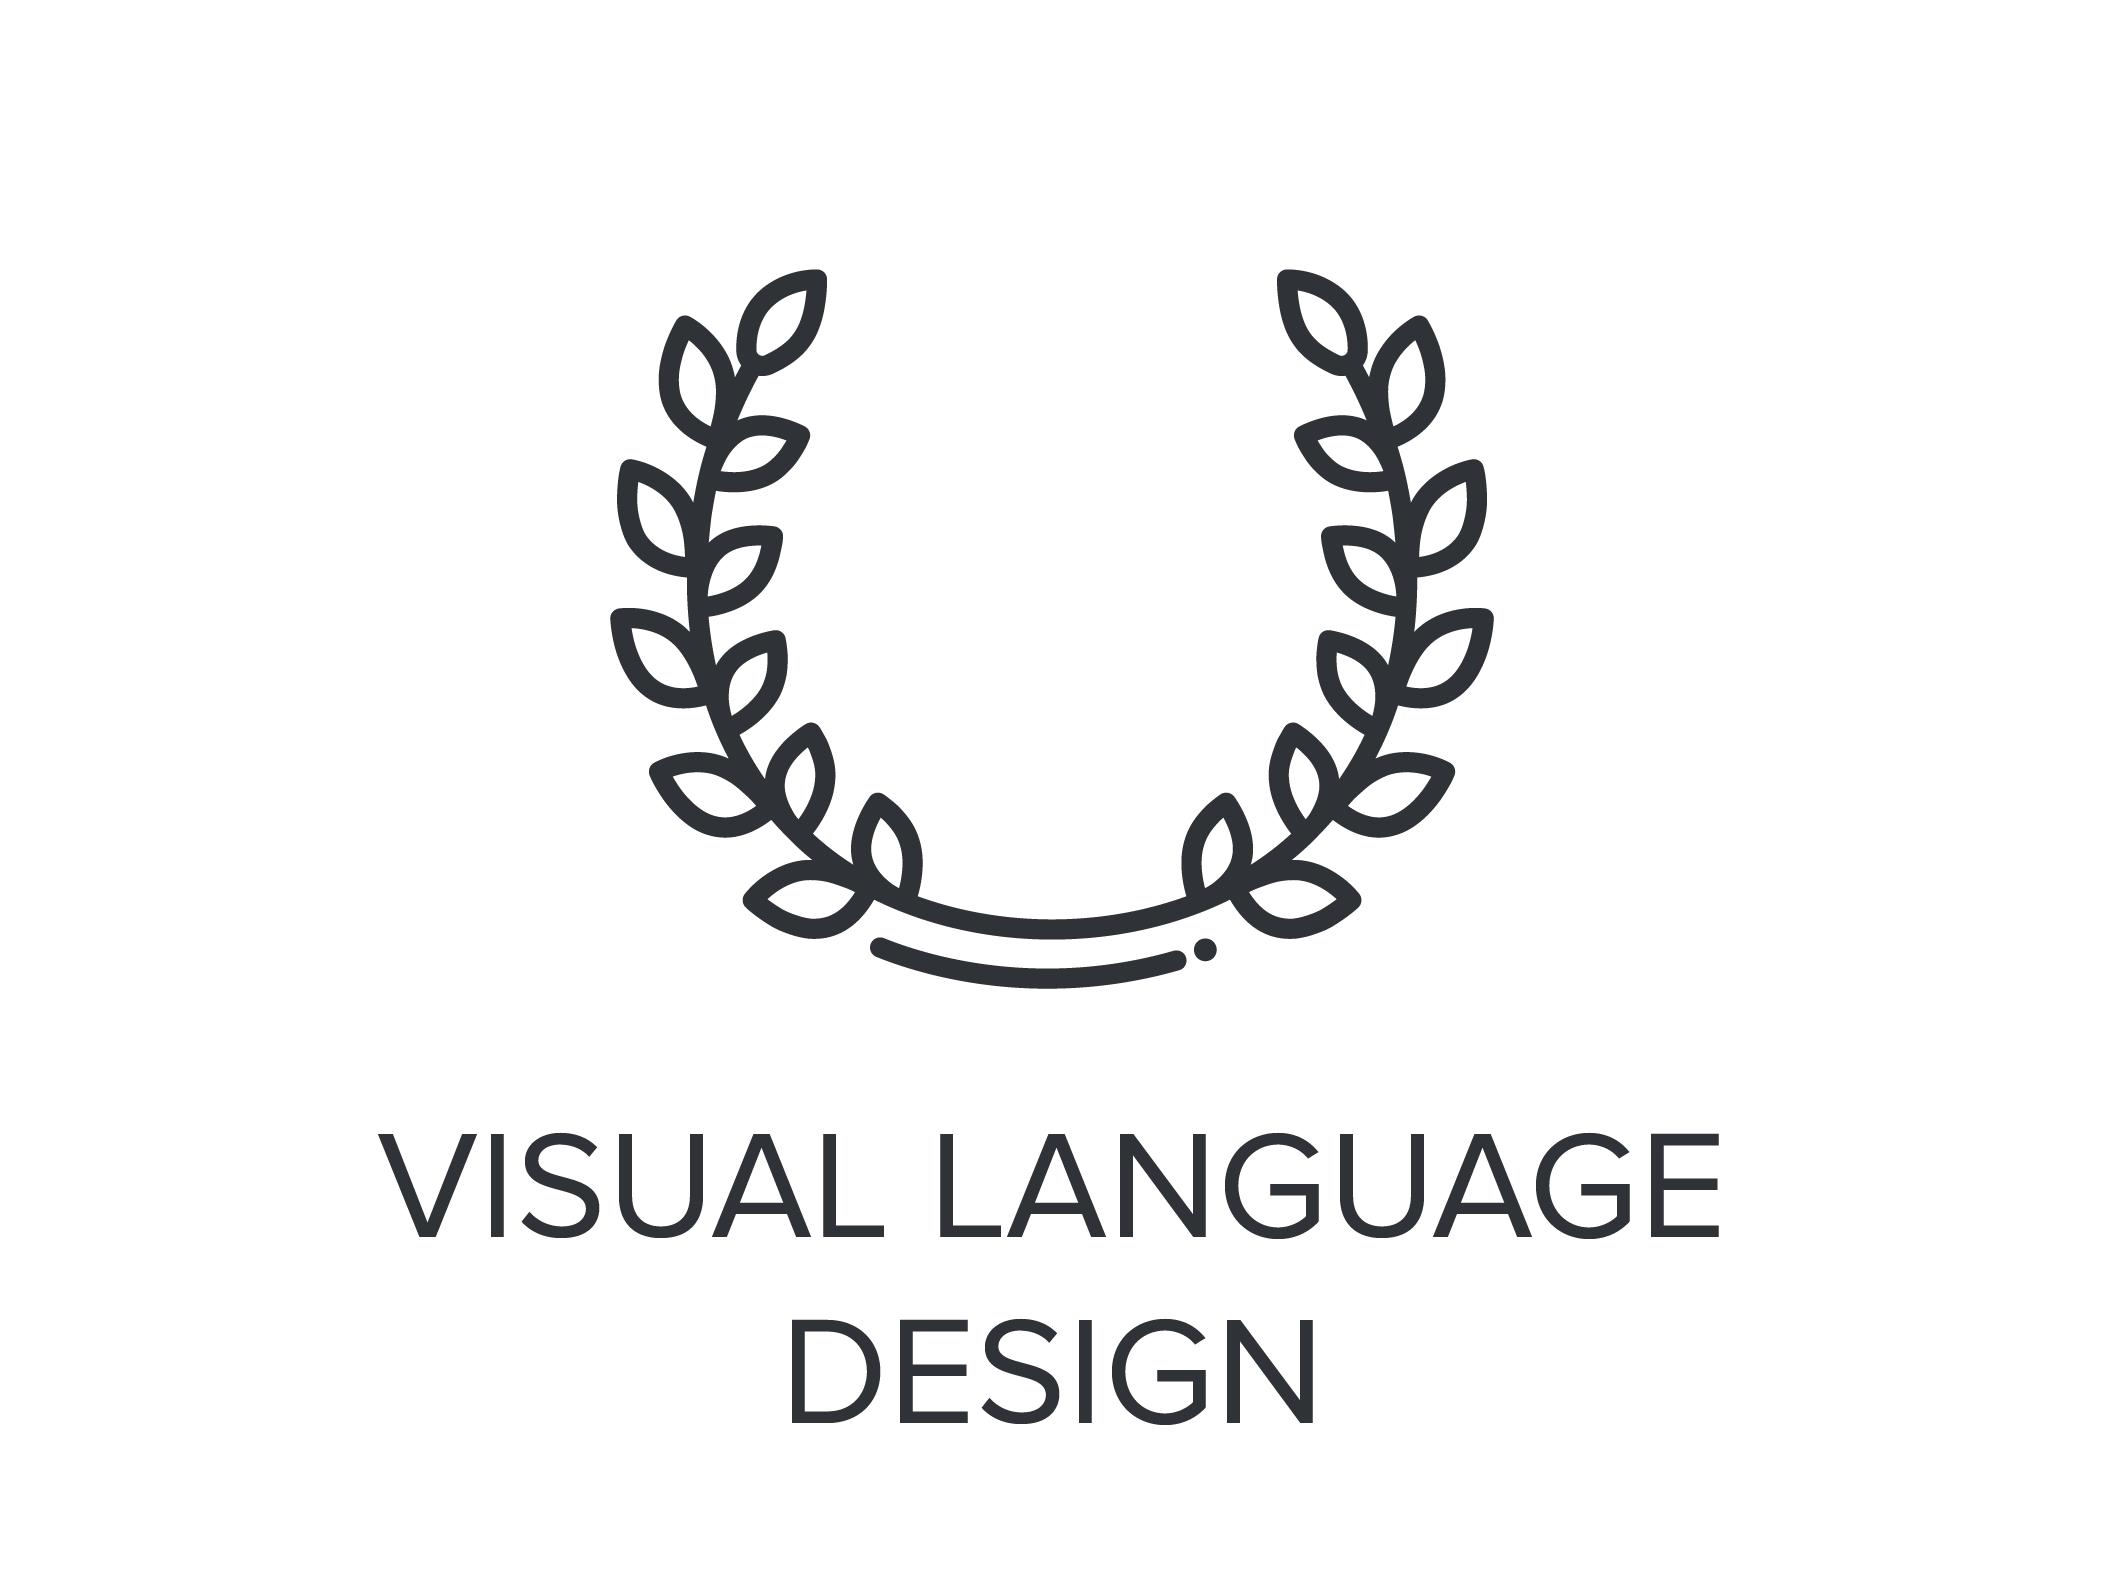 Visual Language Design